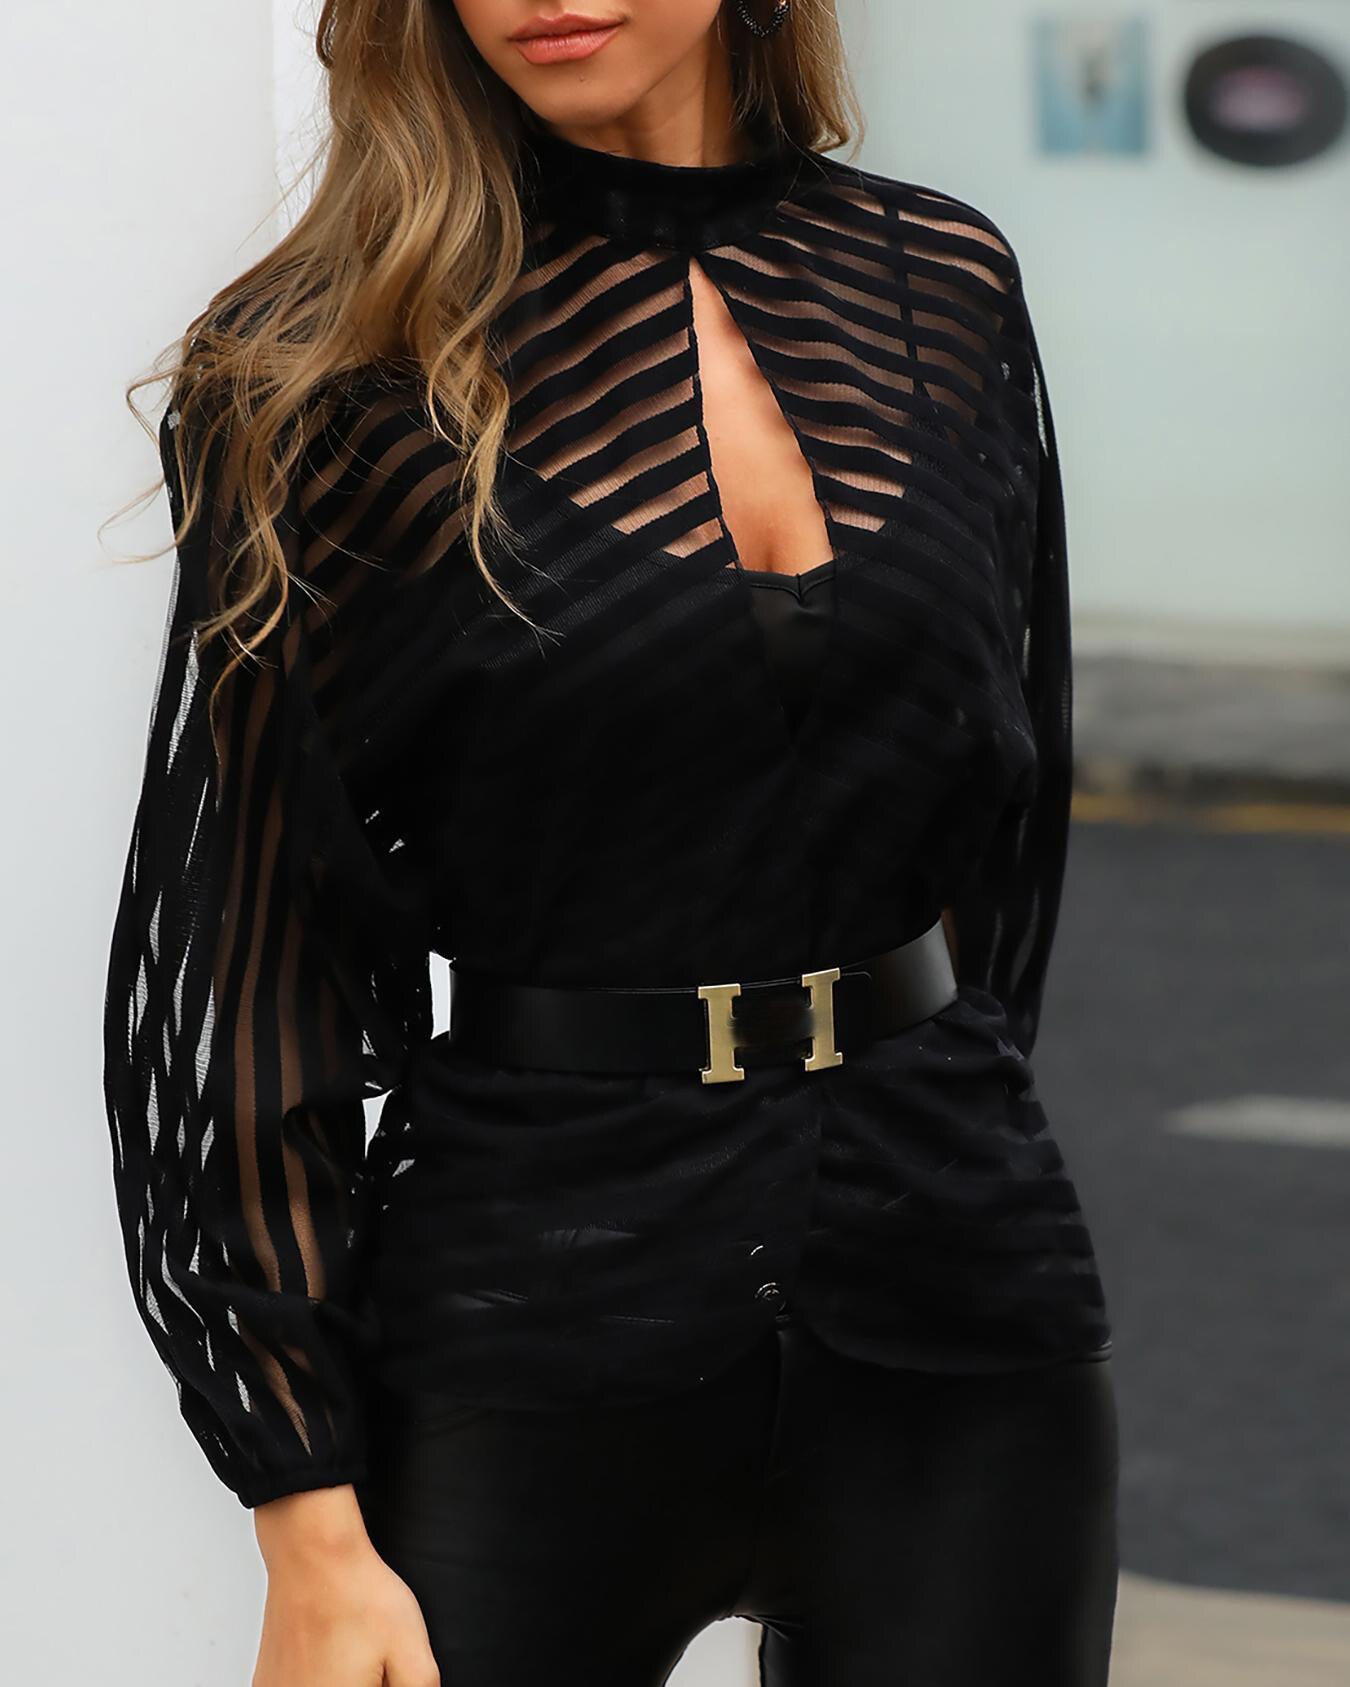 Mulheres Elegantes Preto Básico Camisa Feminino Casual Elegante OL Trabalho Blusa De Malha blusas mujer de moda Listras Top Frente do Buraco Da Fechadura 2019